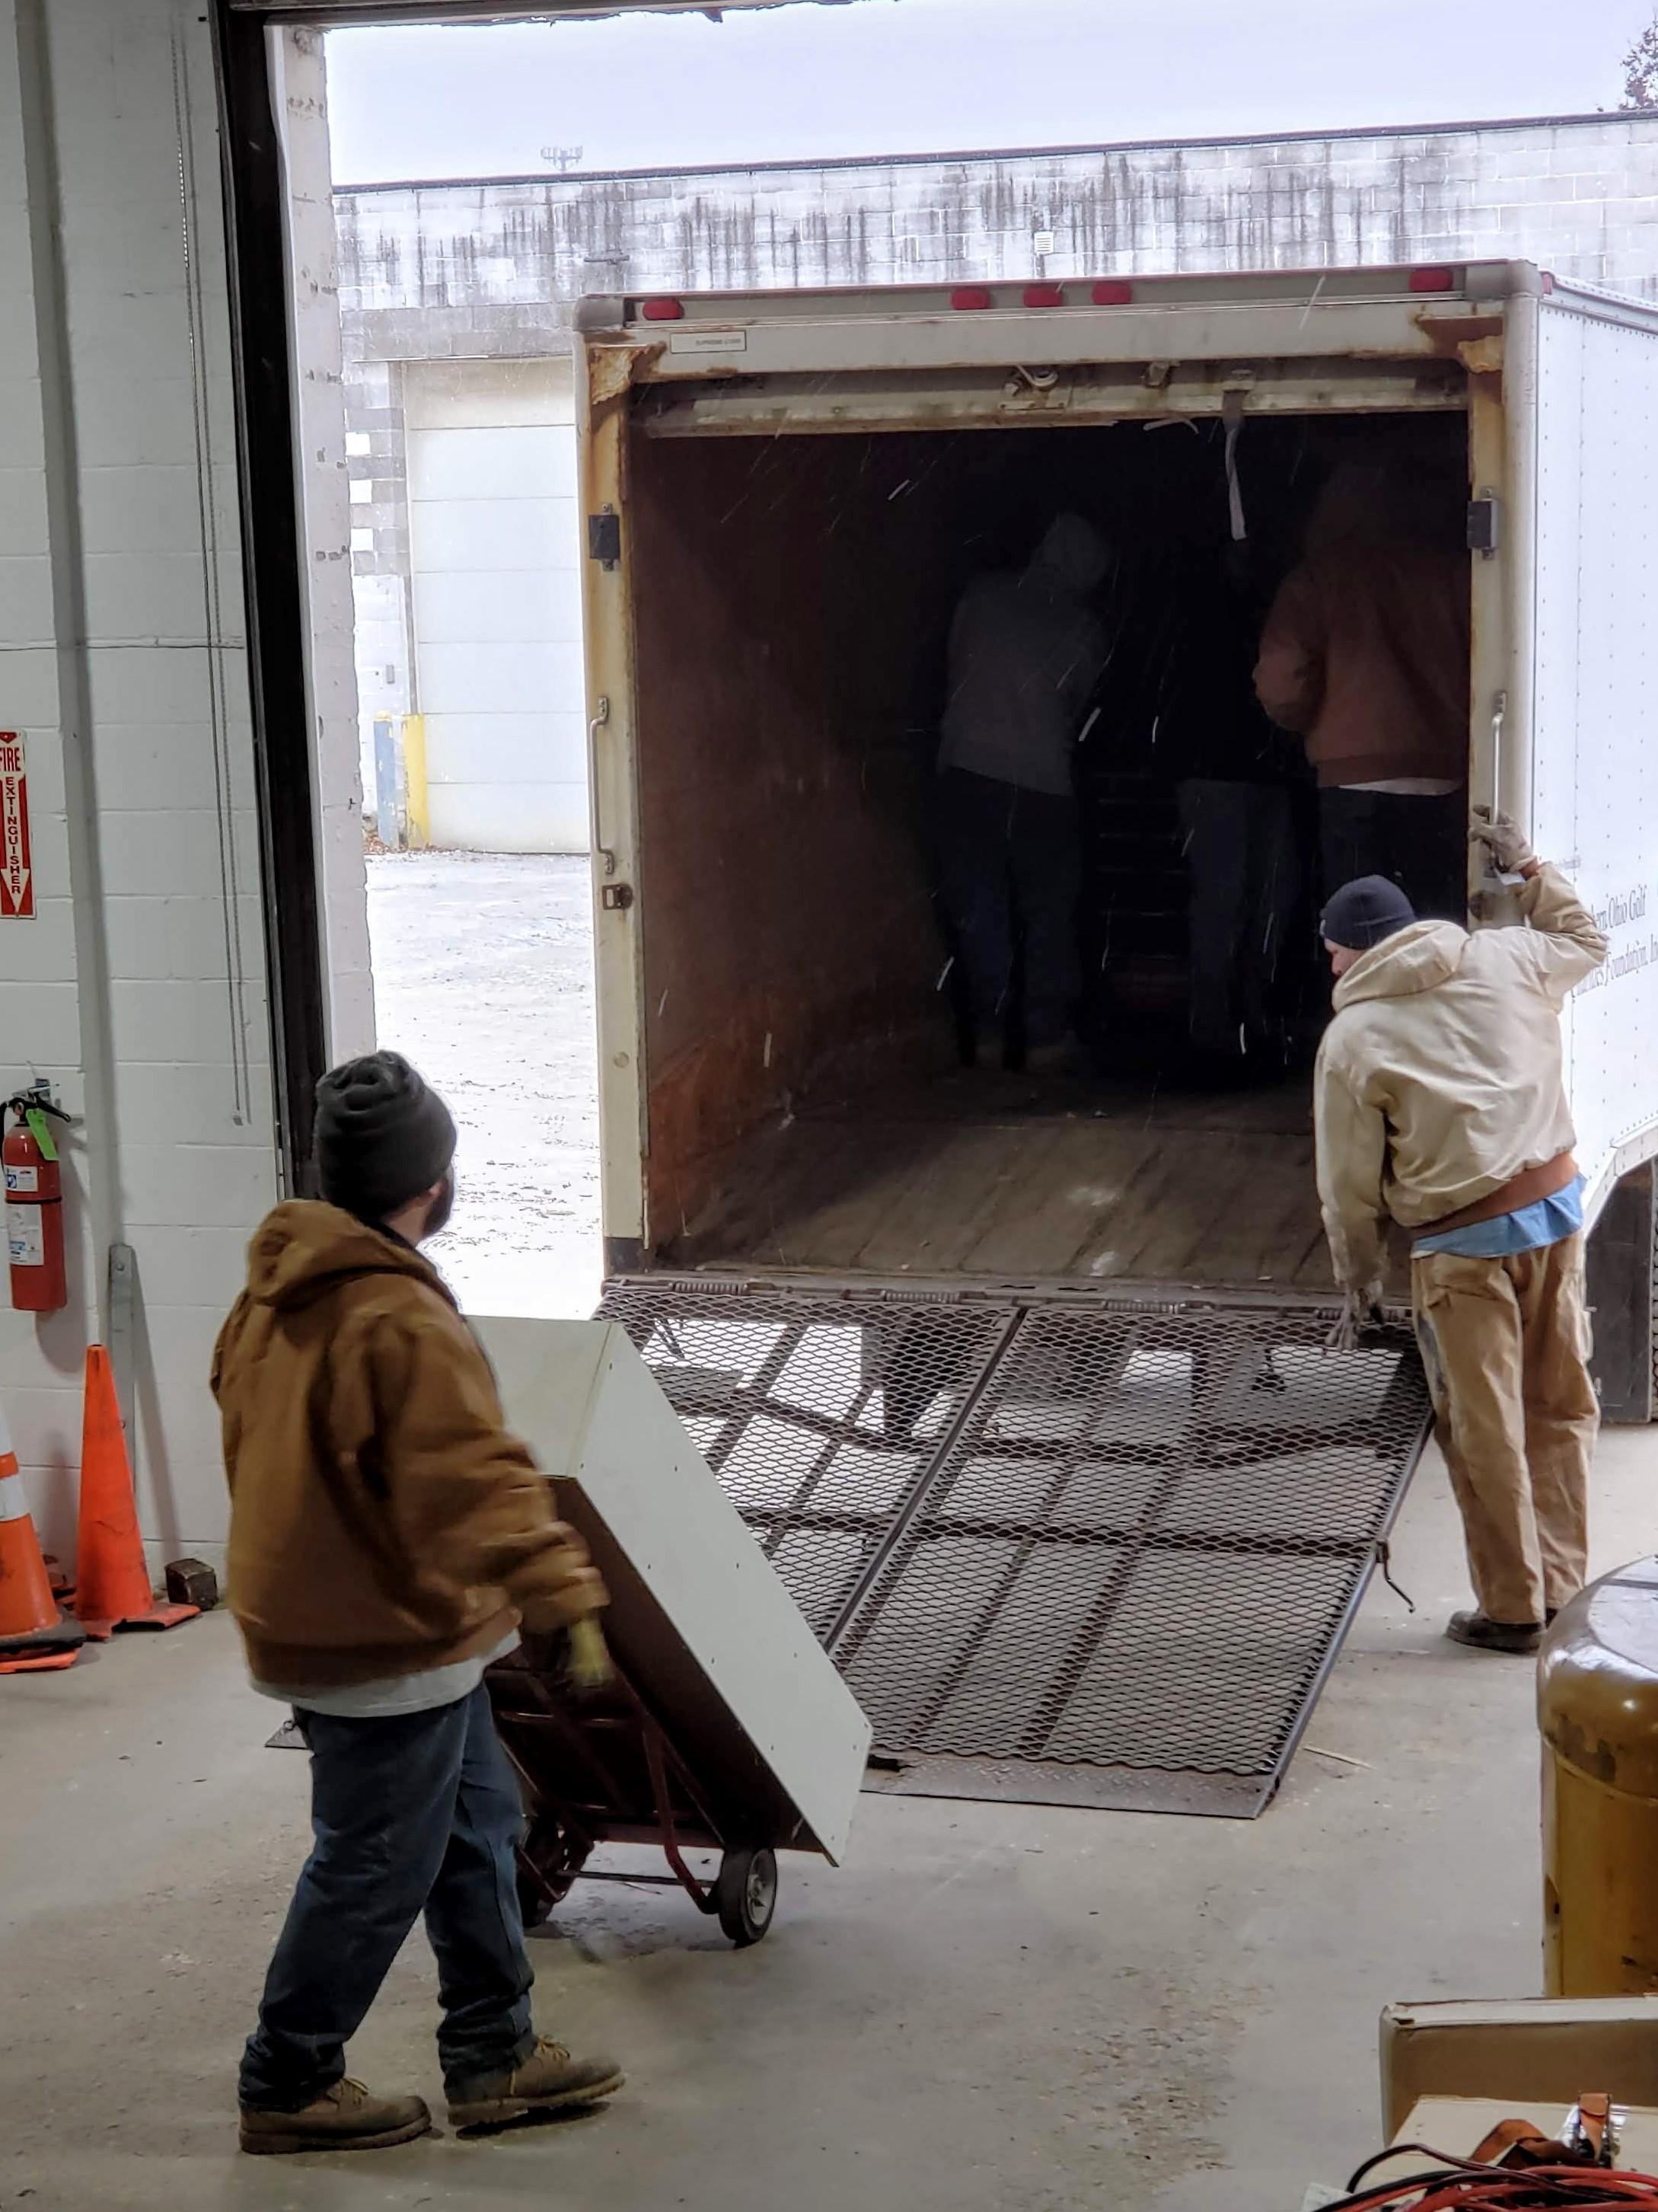 hauling and manual labor